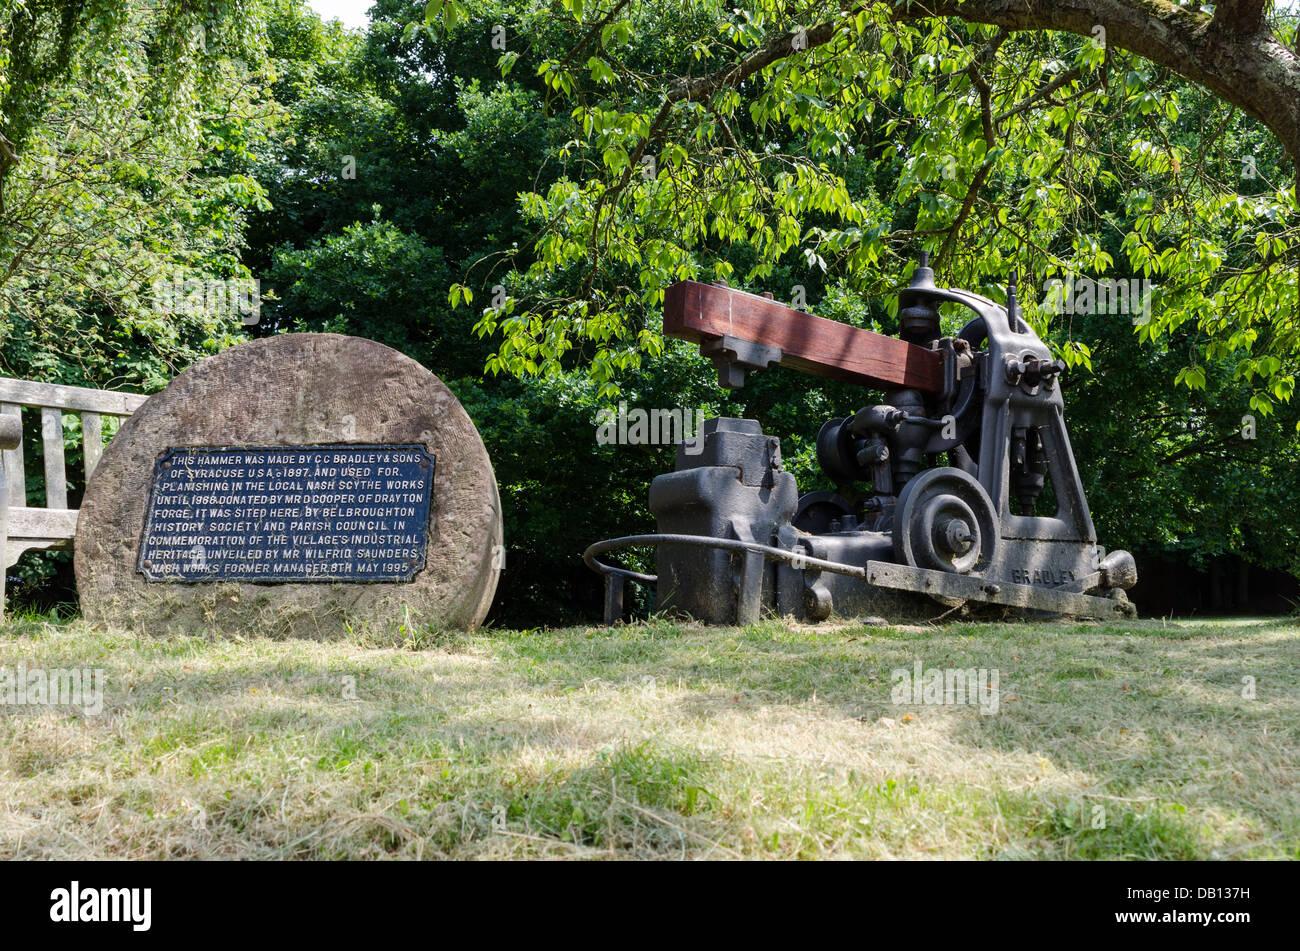 Hammer, die bei der Herstellung von Sensen in Worcestershire Dorf von Belbroughton verwendet wurde Stockbild